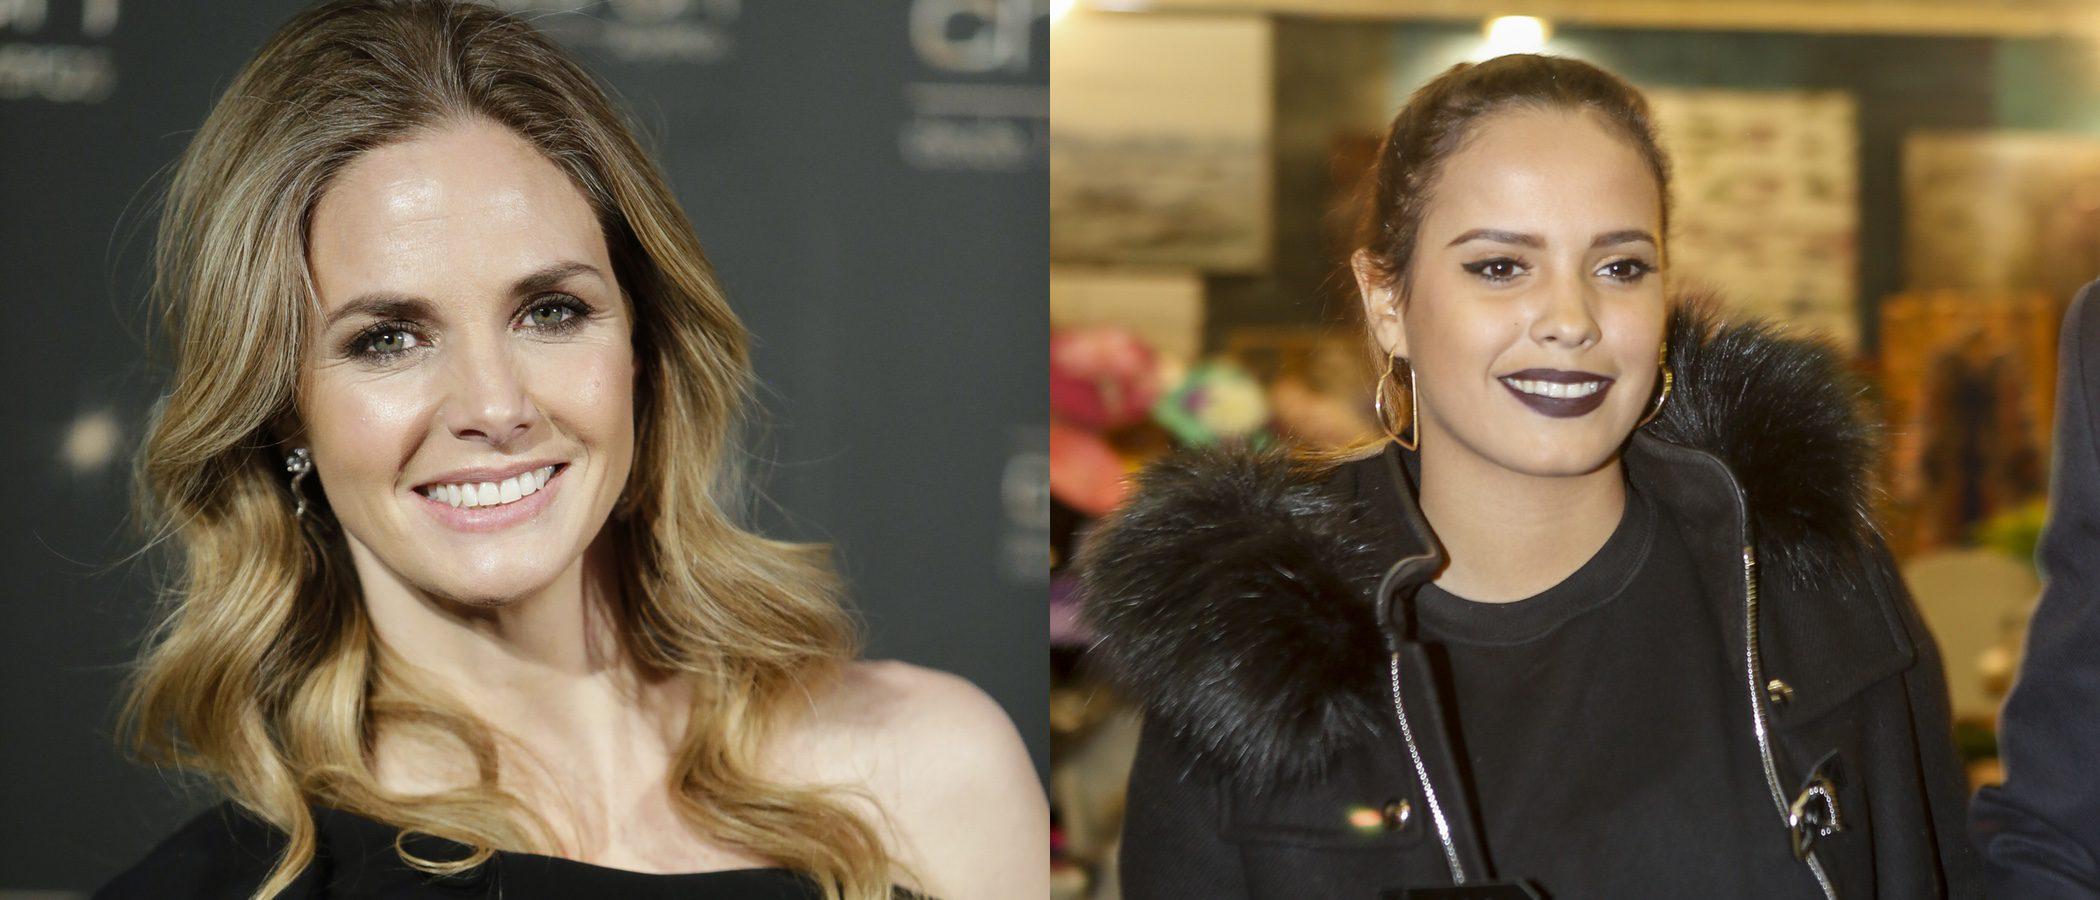 Genoveva Casanova y Gloria Camila, entre los mejores beauty looks de esta semana